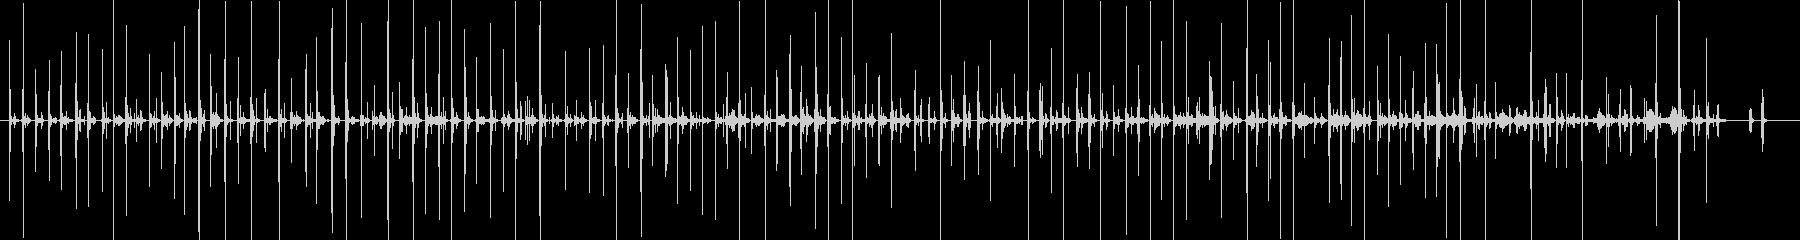 バイノーラル足音歩く2サンダル_前斜左の未再生の波形